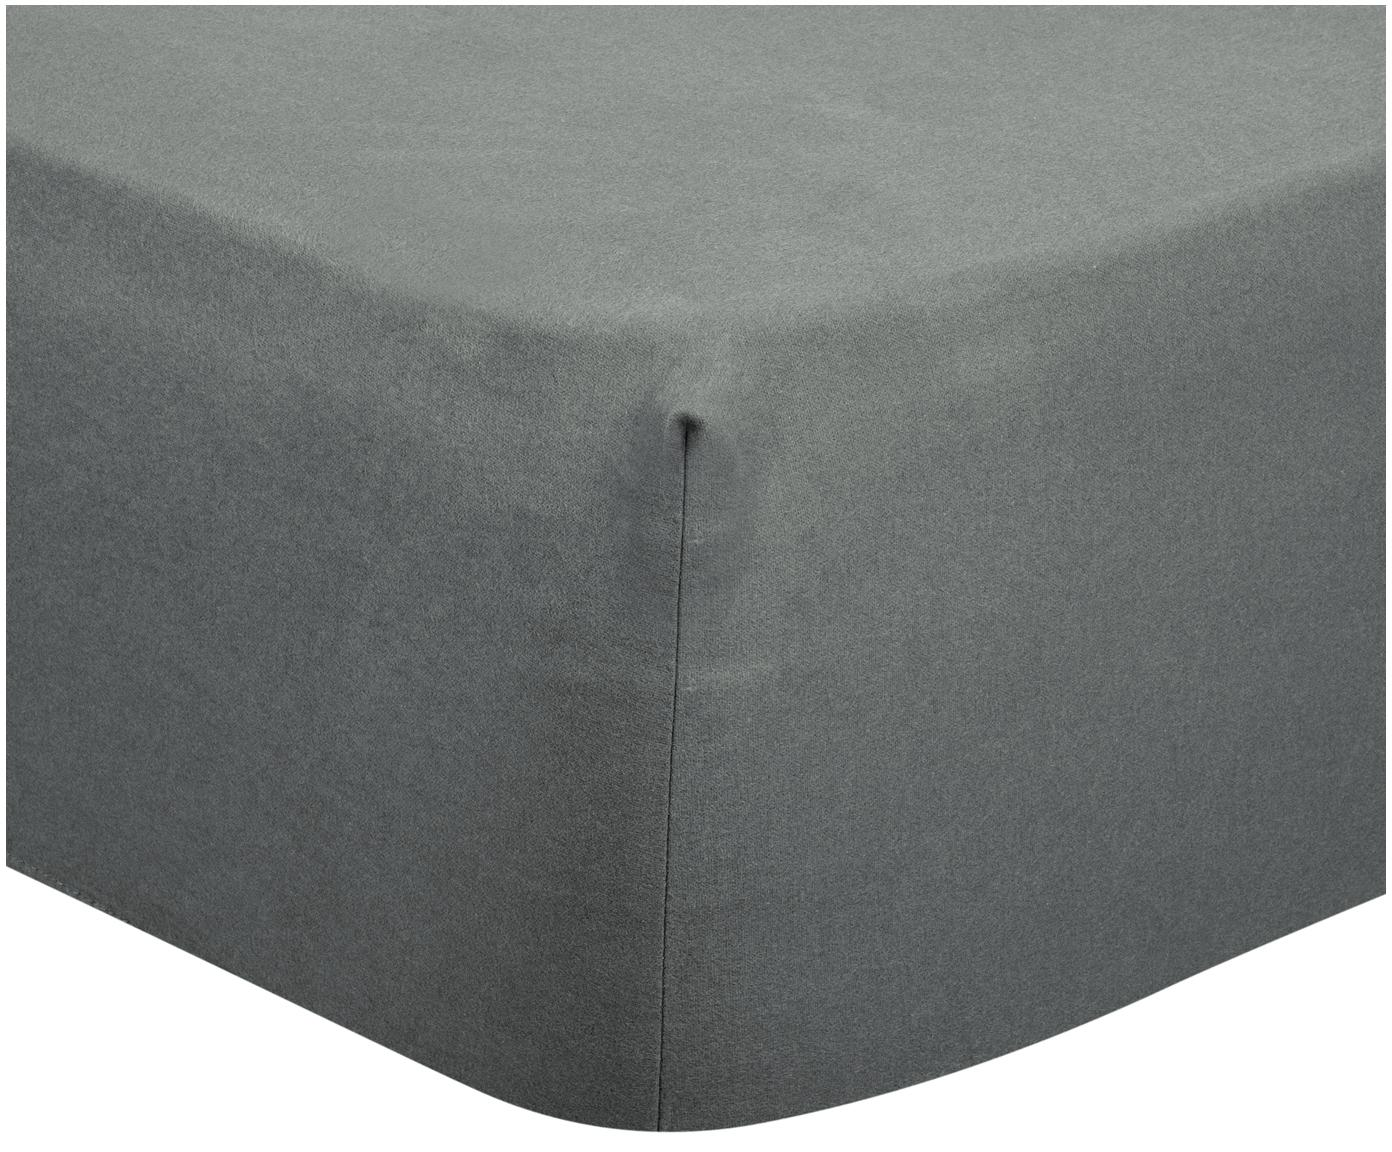 Hoeslaken Biba, flanel, Weeftechniek: flanel, Donkergrijs, 90 x 200 cm